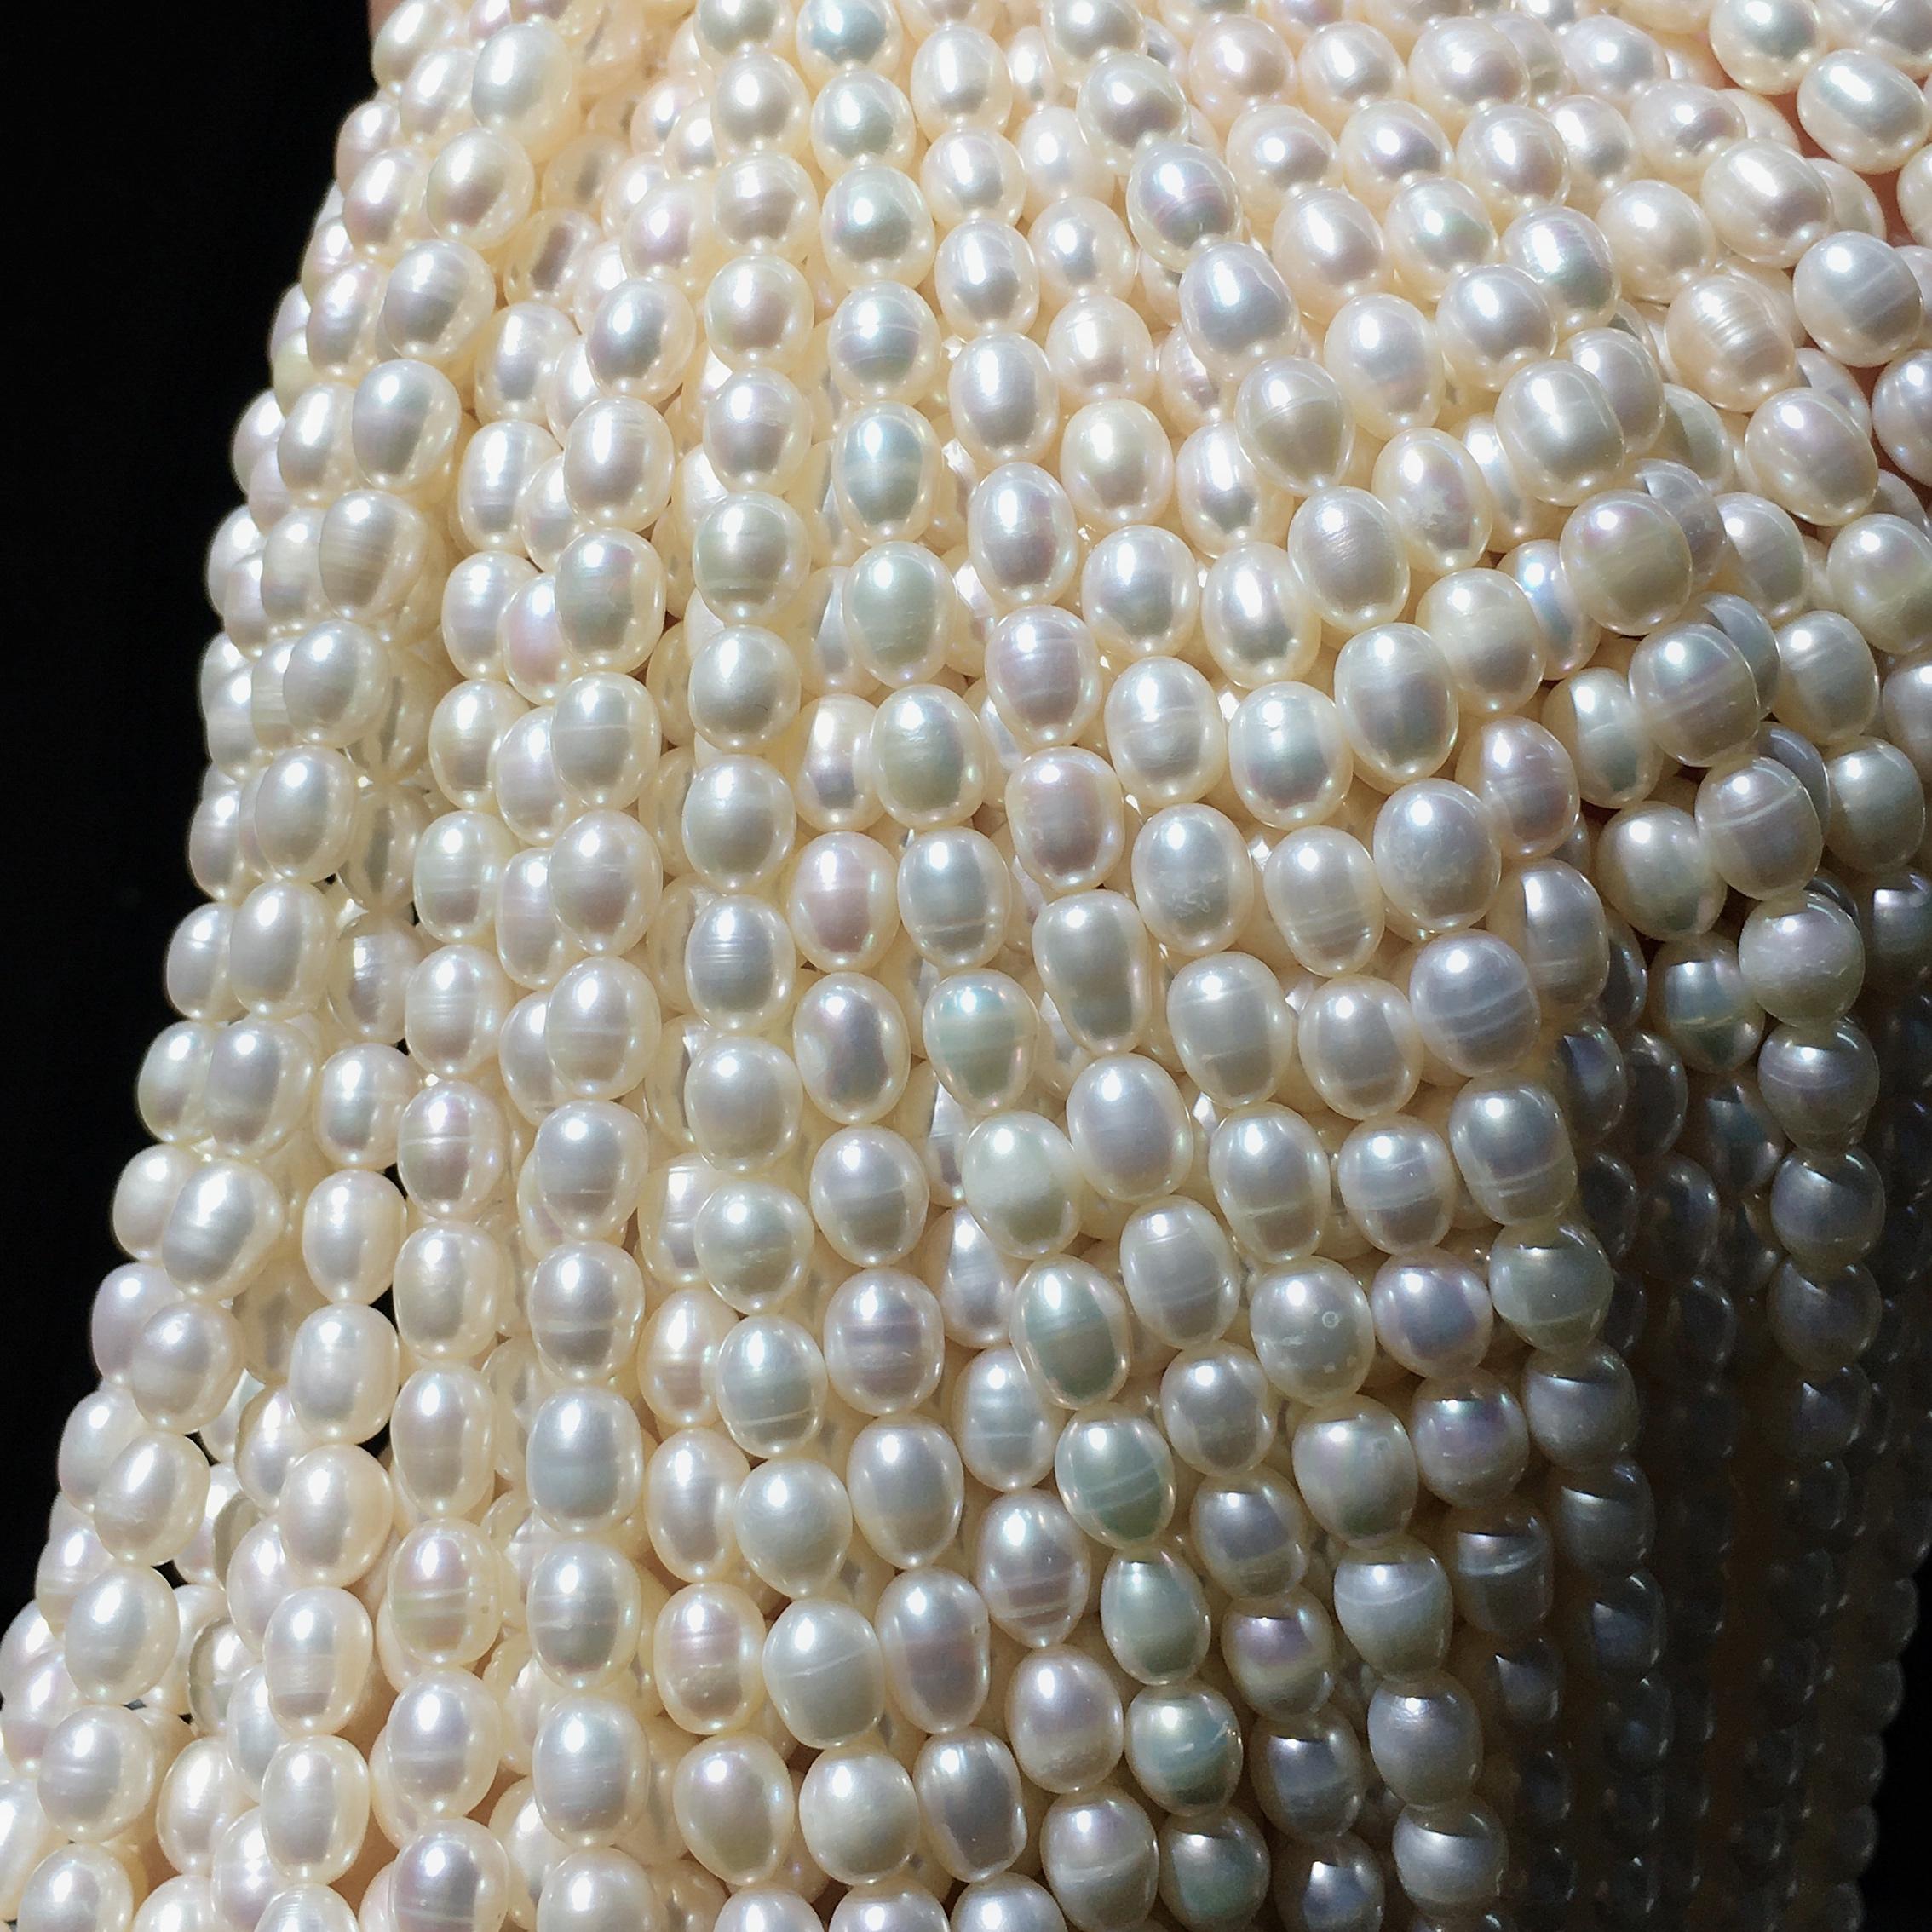 米形微瑕项链手链自制半成品散珠手工材料辅料 7MM 6 淡水真珍珠 DIY